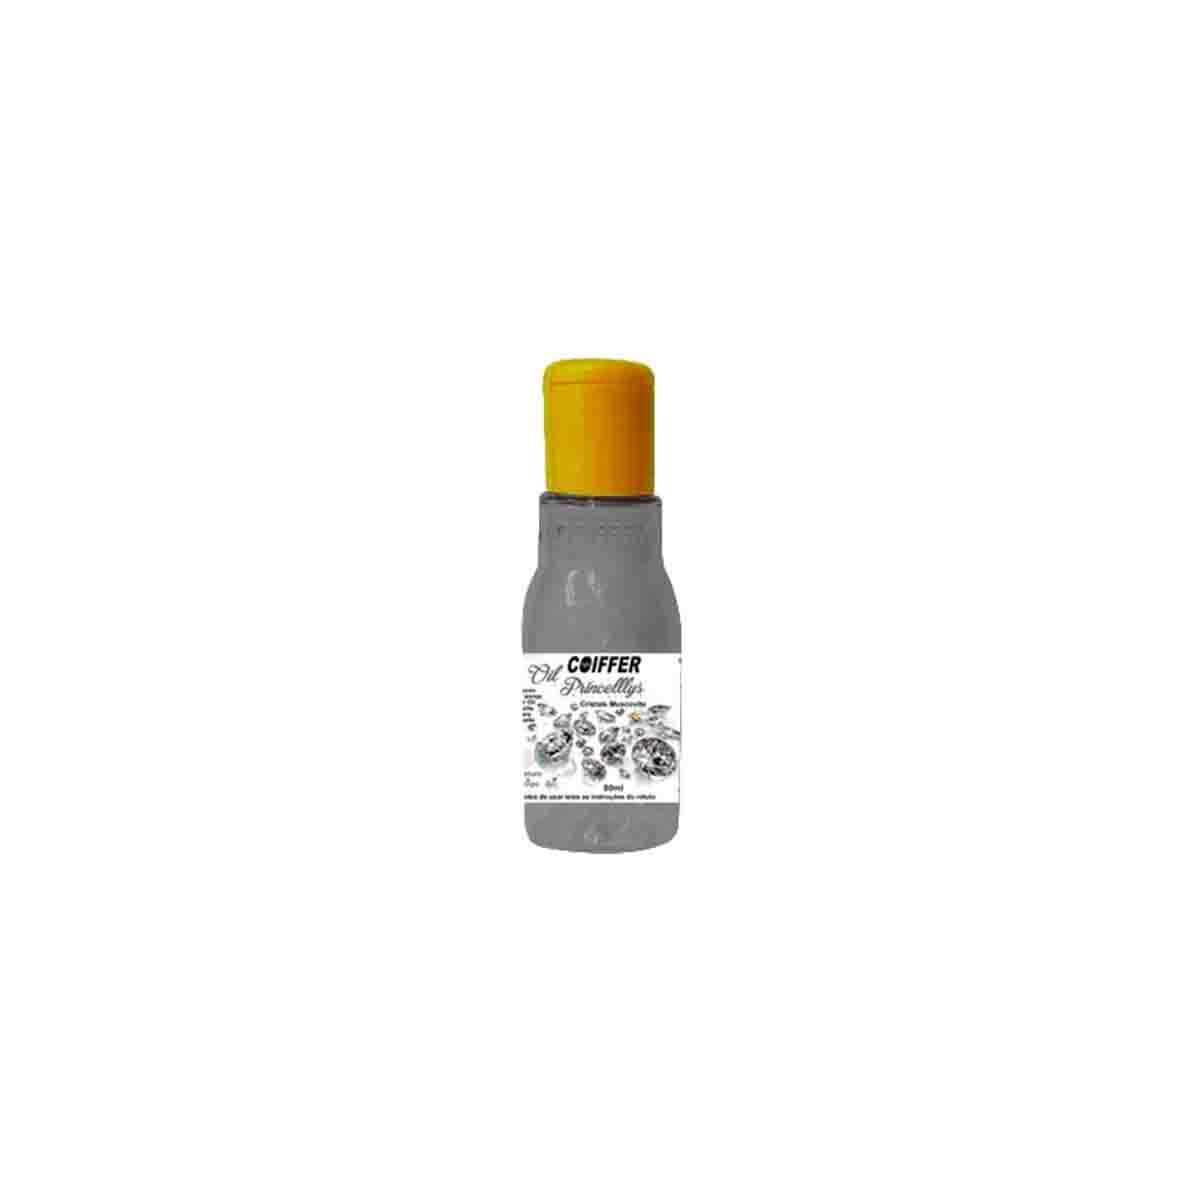 Finalizador Capilar Oil Princellys  Coiffer 80ml